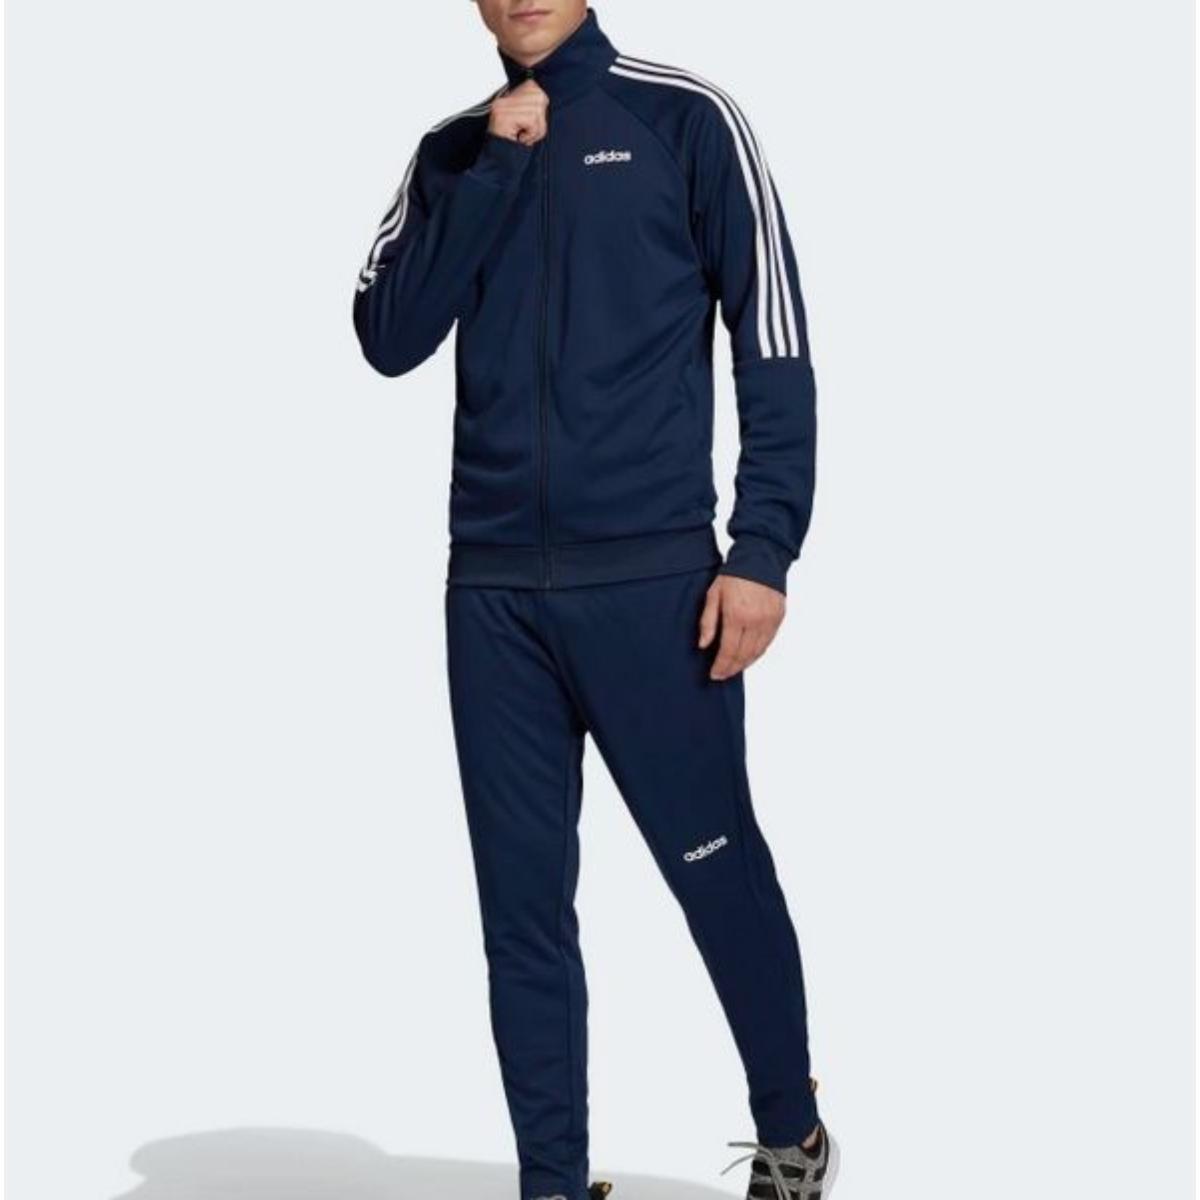 Abrigo Masculino Adidas Fn5796 Sere19 Marinho